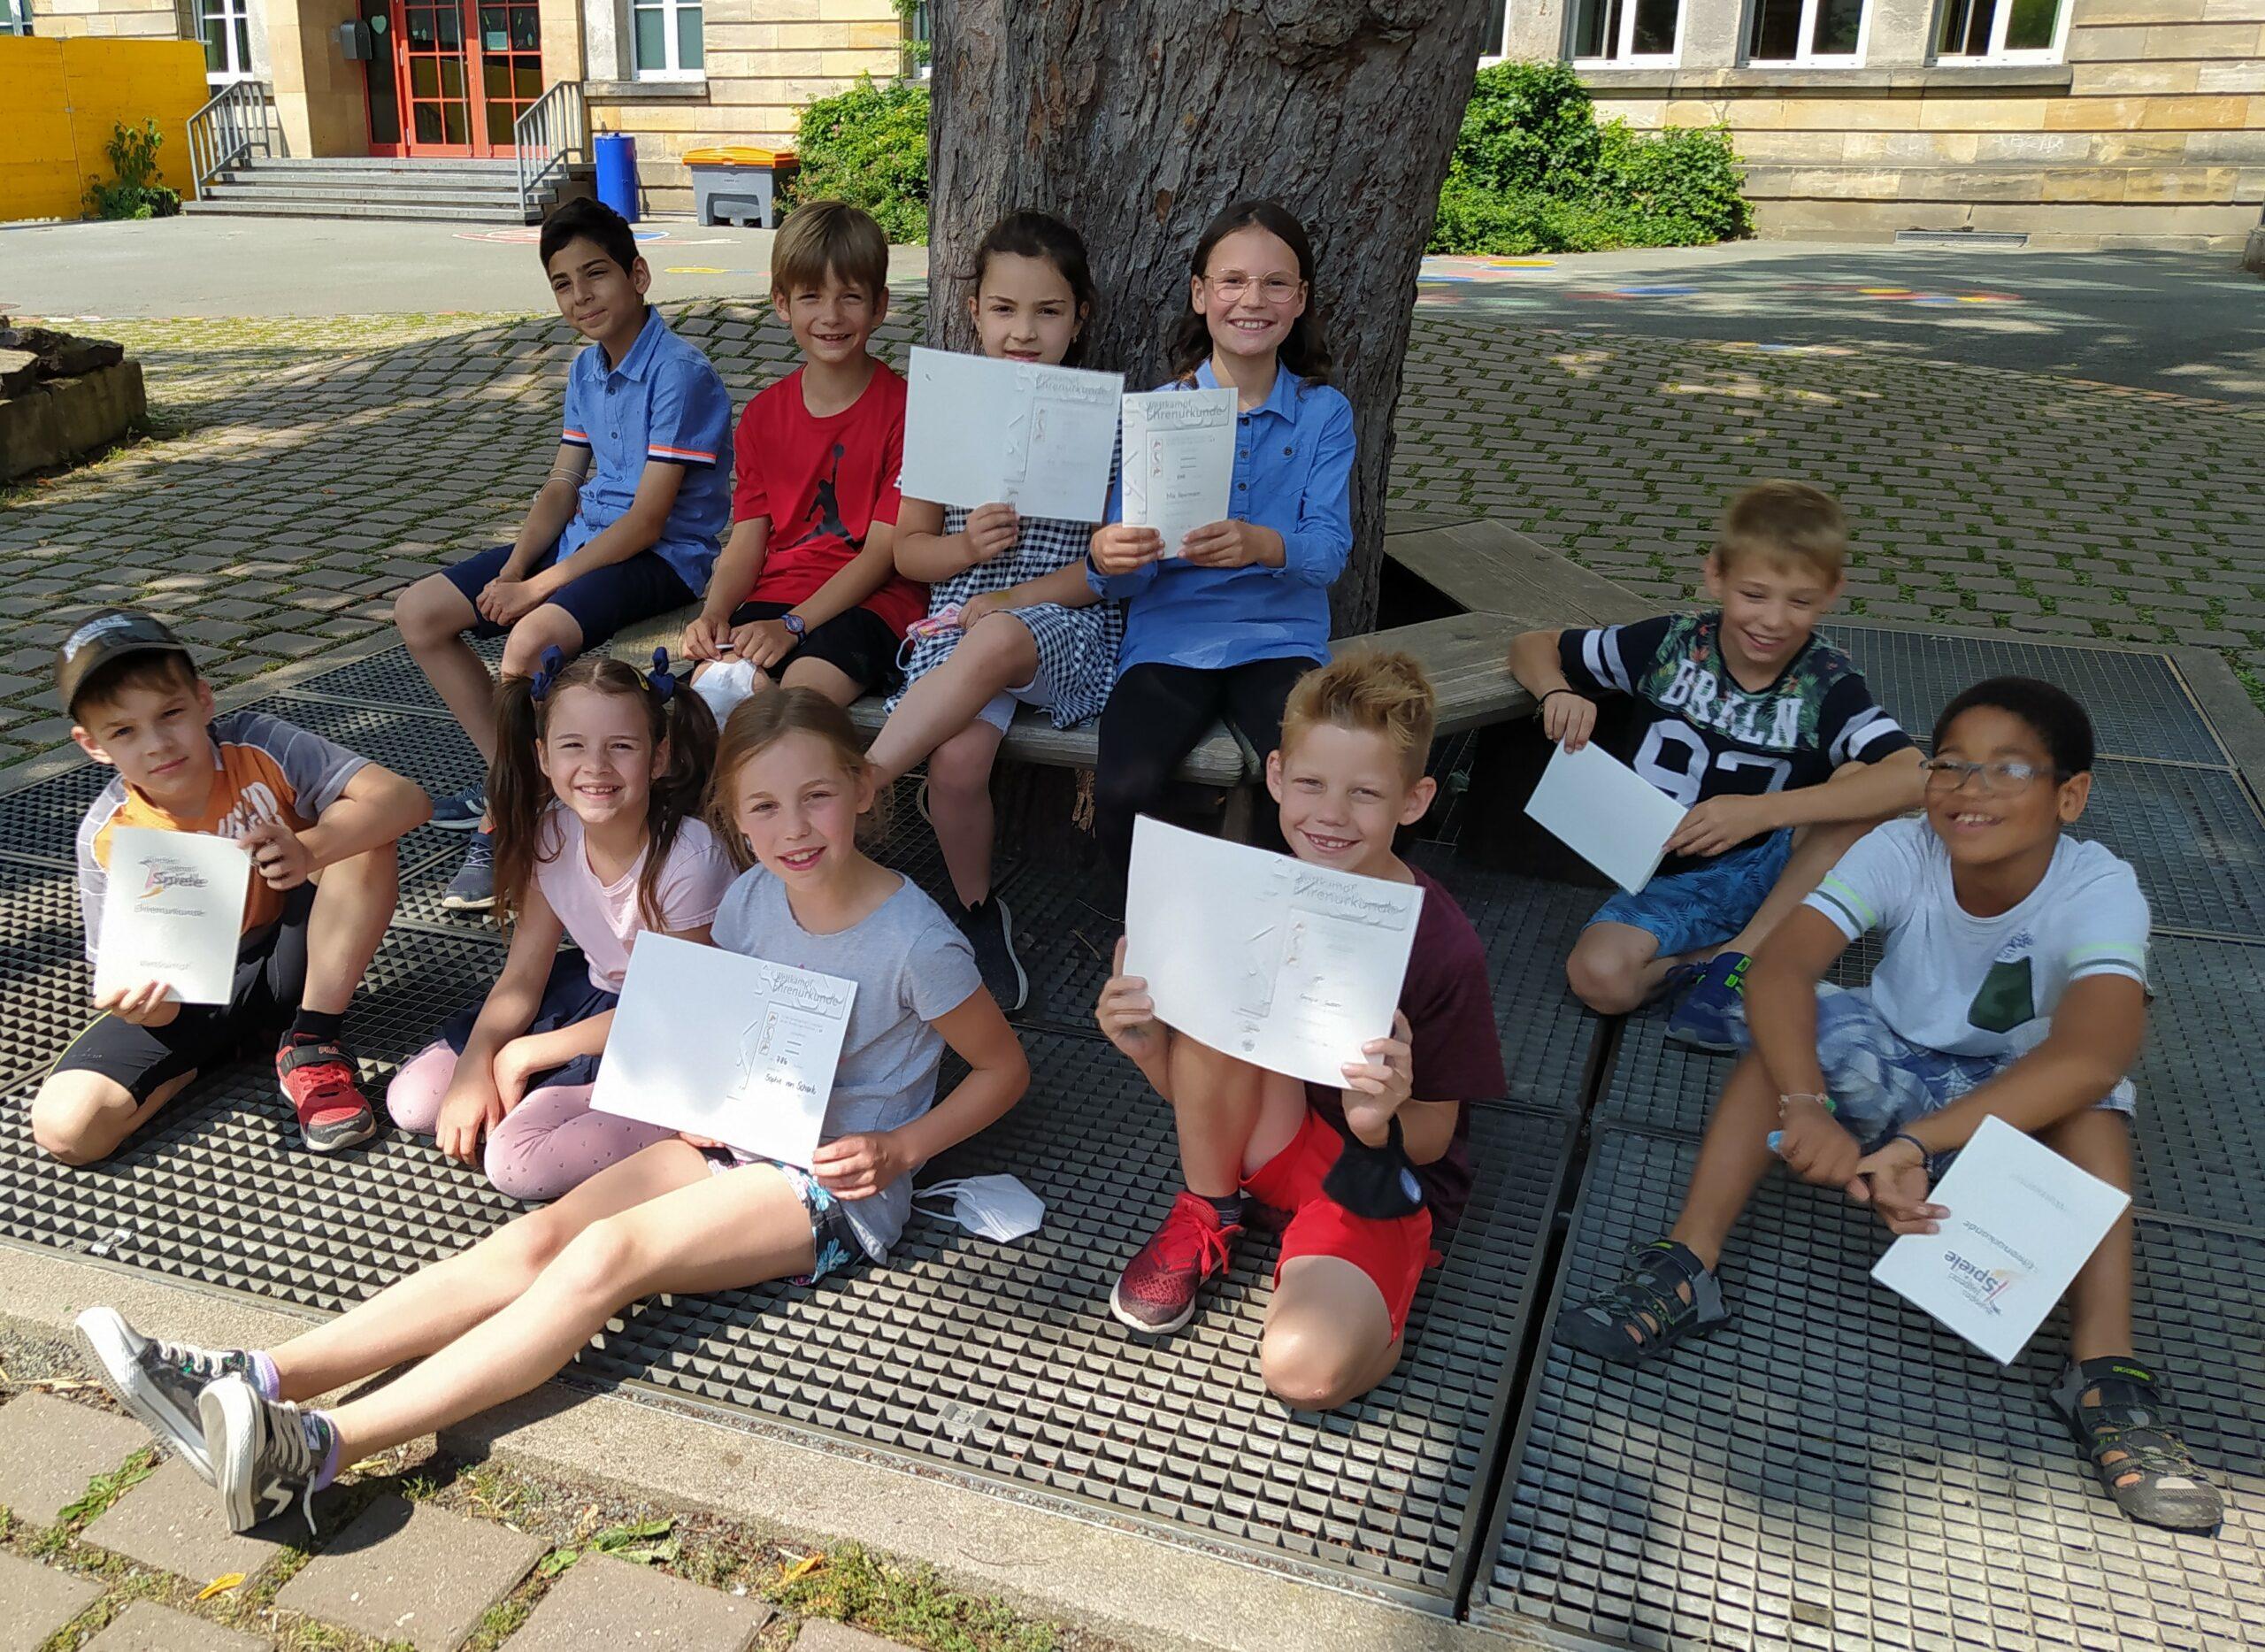 Schüler*innen mit ihren Urkunden